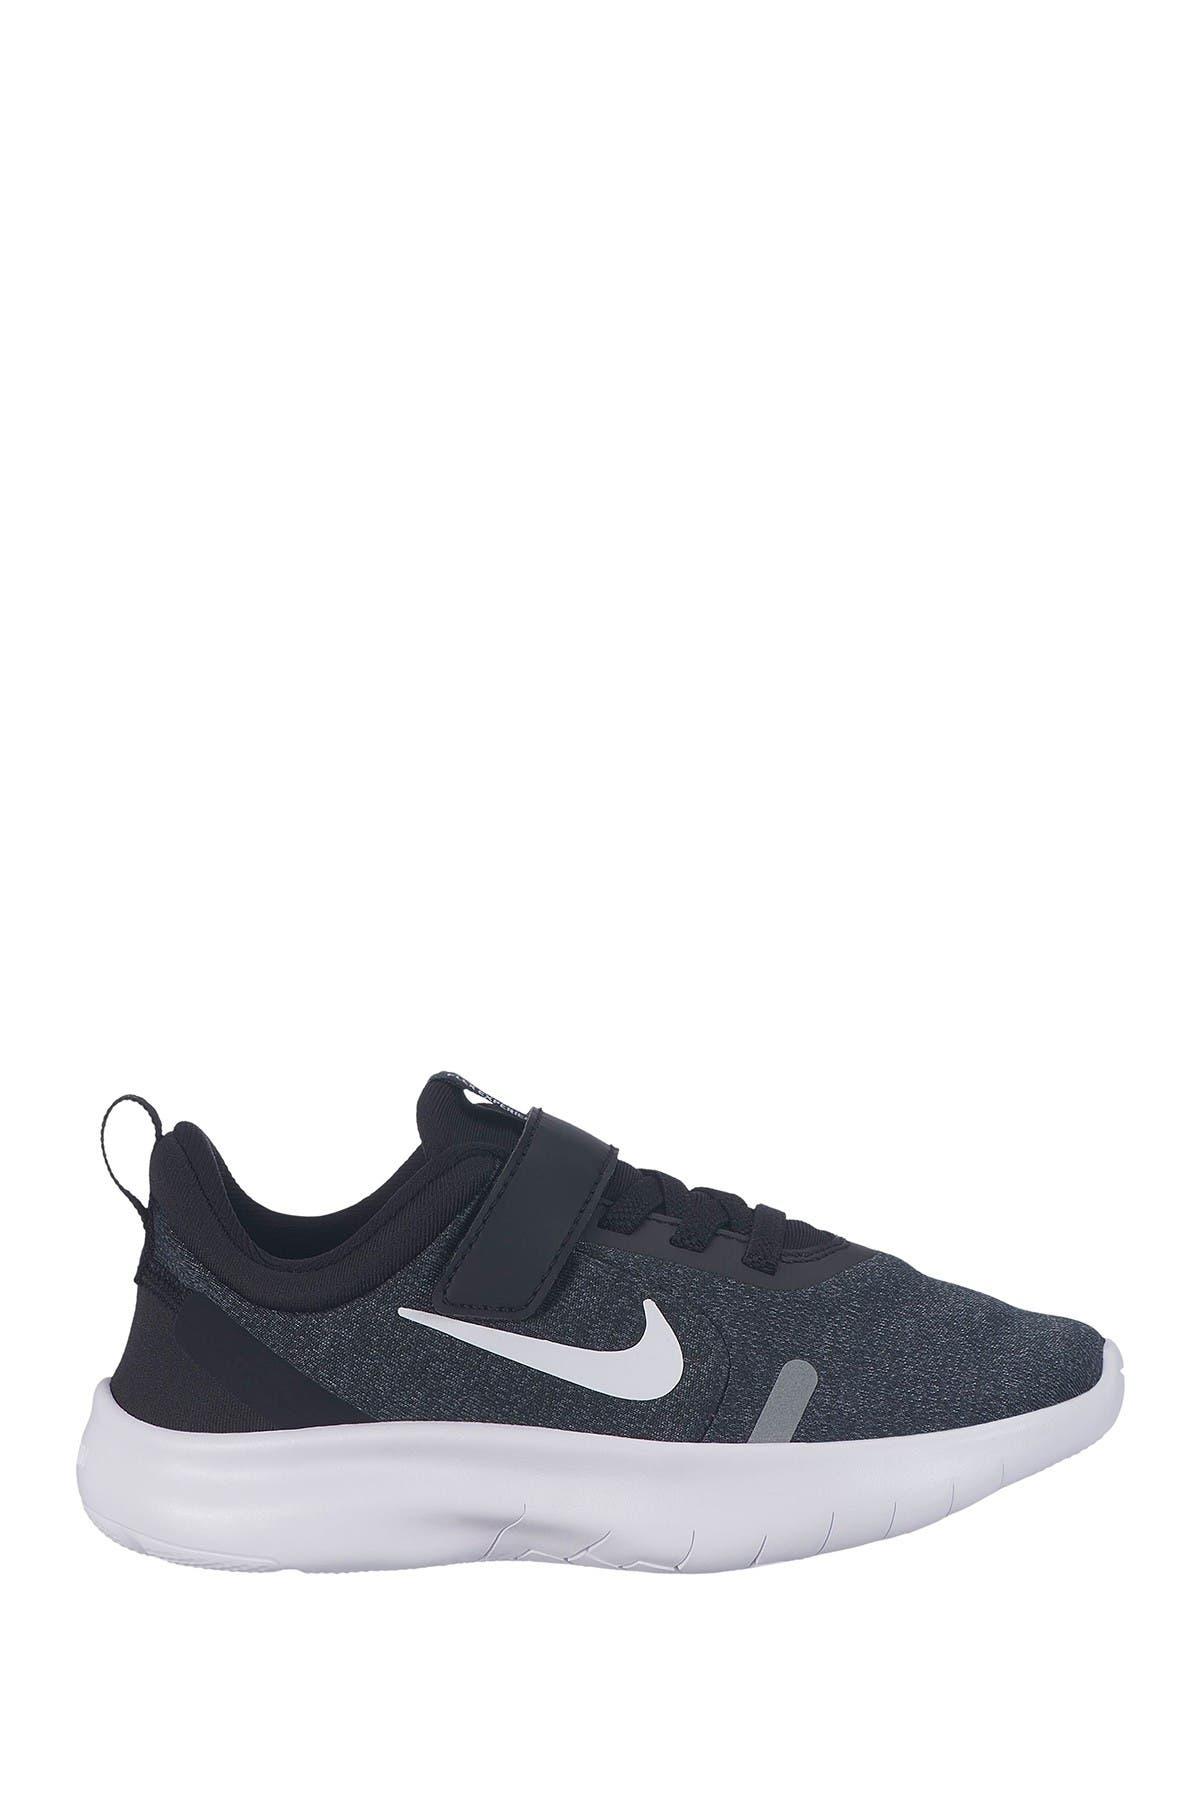 Nike   Flex Experience RN 8 Sneaker